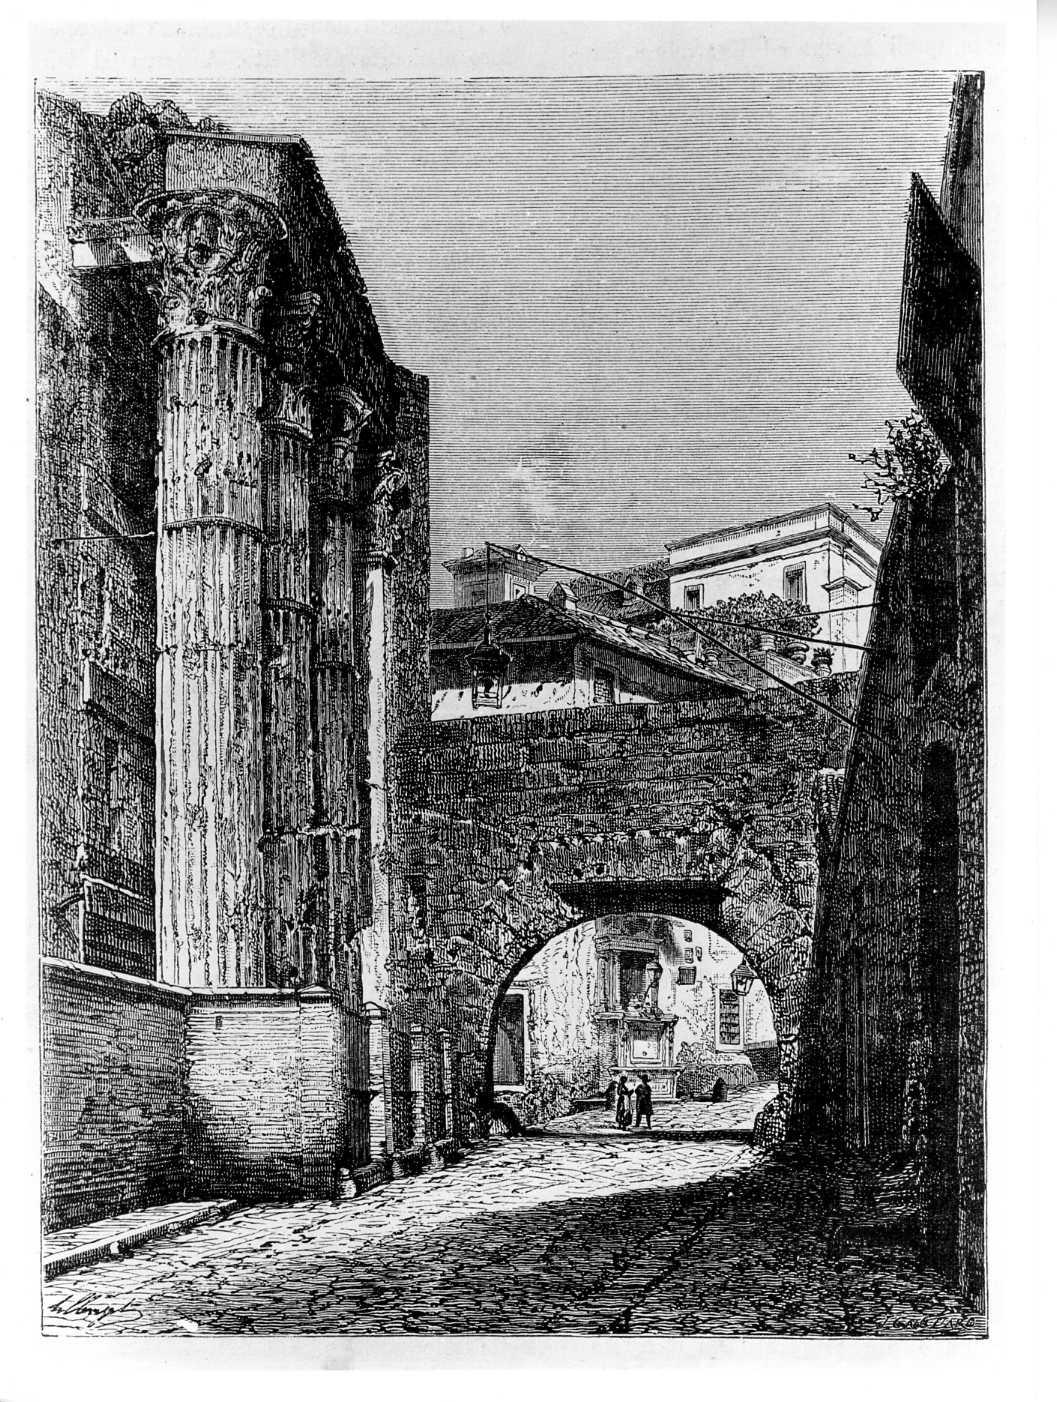 Il tempio di Marte Ultore e l'arco detto dei Pantani, paesaggio con architetture (stampa) di Nurget L (attribuito), Ga(...)ttard J (attribuito) (sec. XIX)